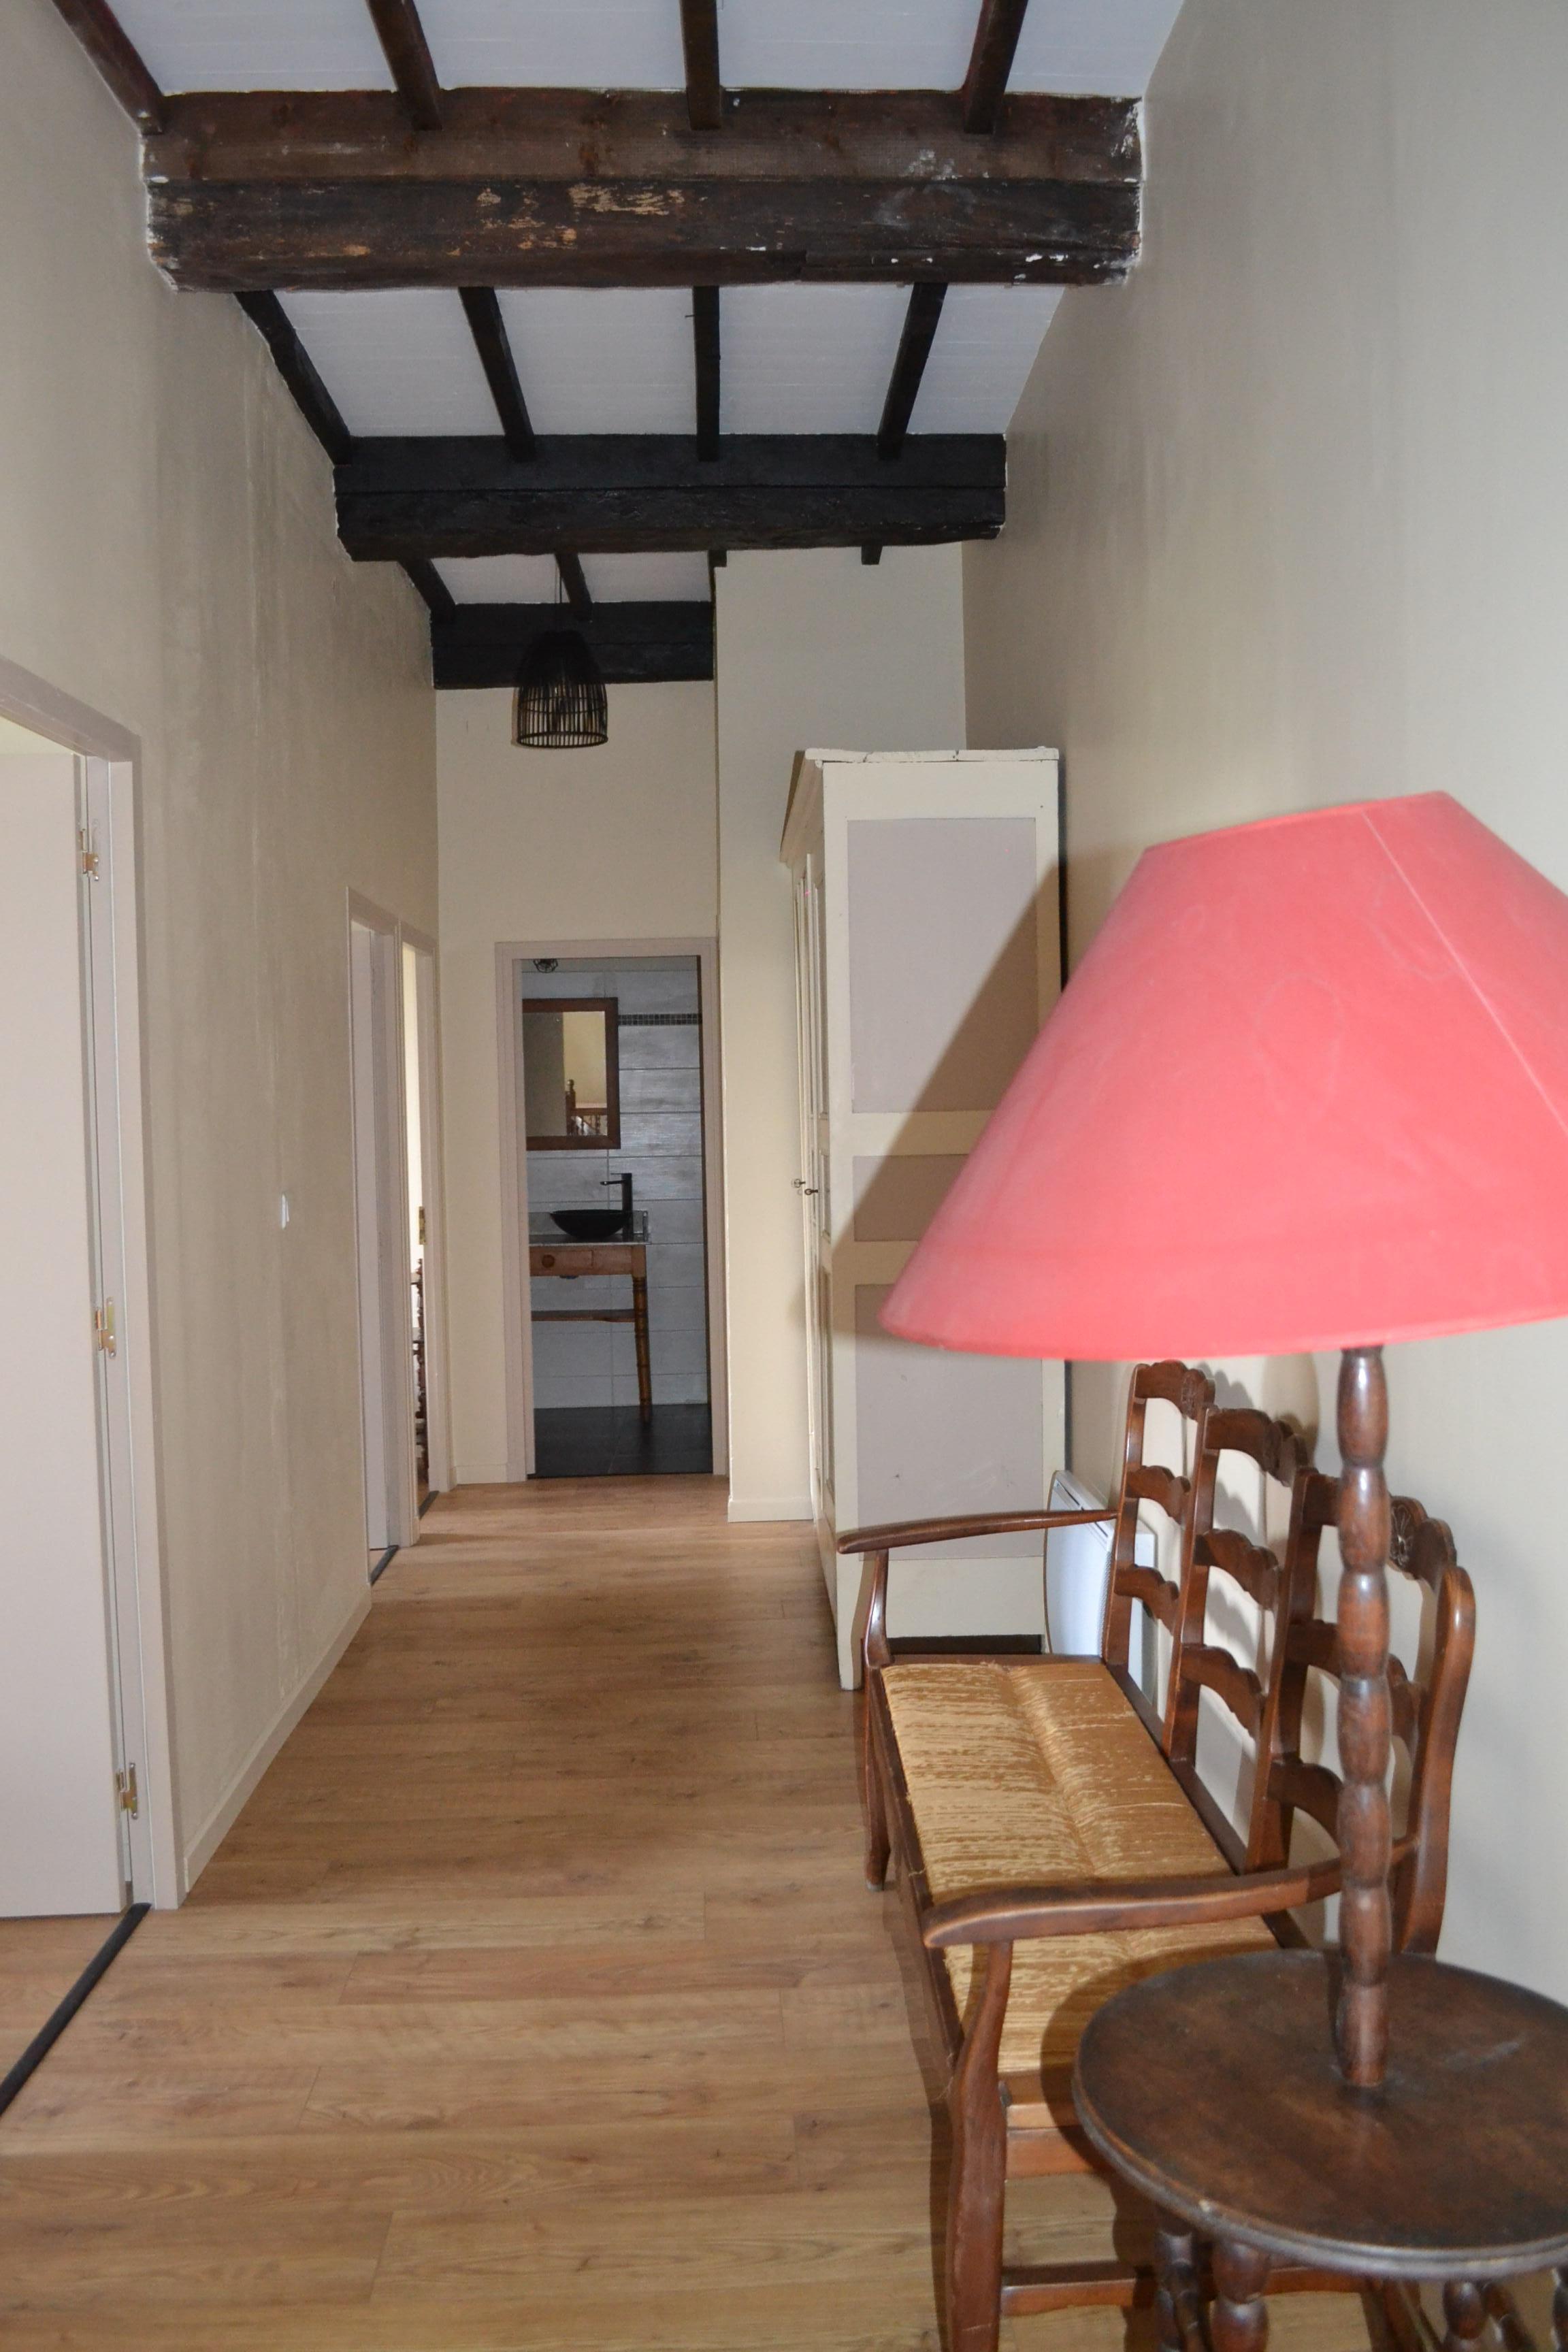 LA FOUNIERE couloir 1er étage